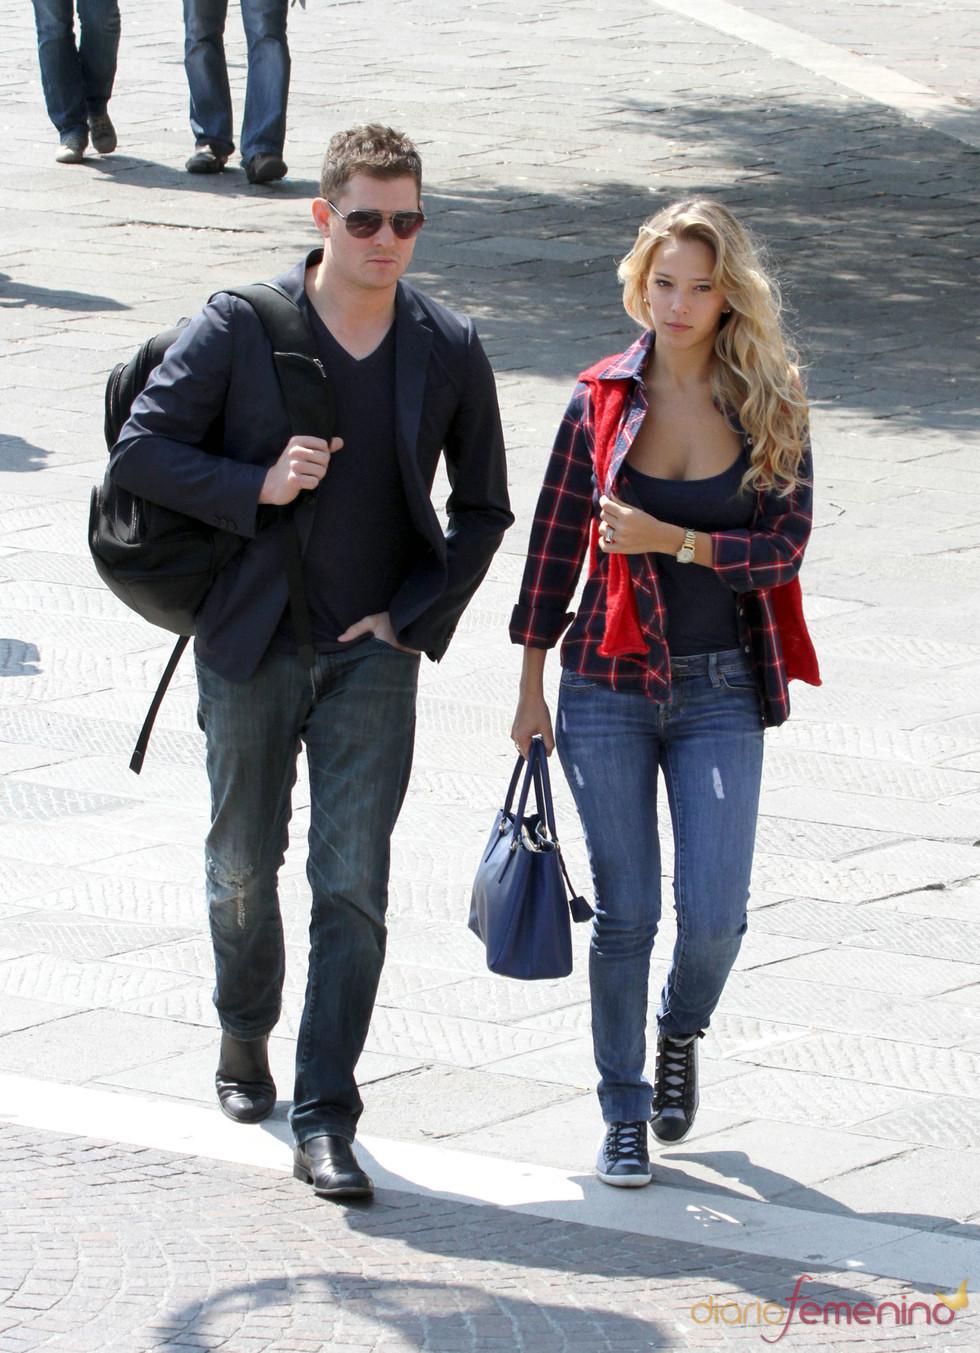 Michael Buble y Luisana Lopilato paseando por Venecia